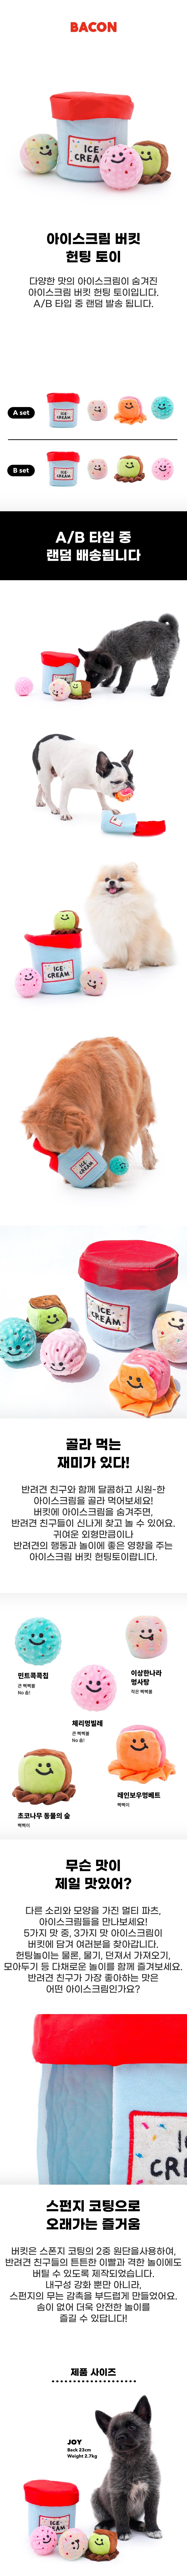 베이컨박스 아이스크림 버킷 헌팅토이